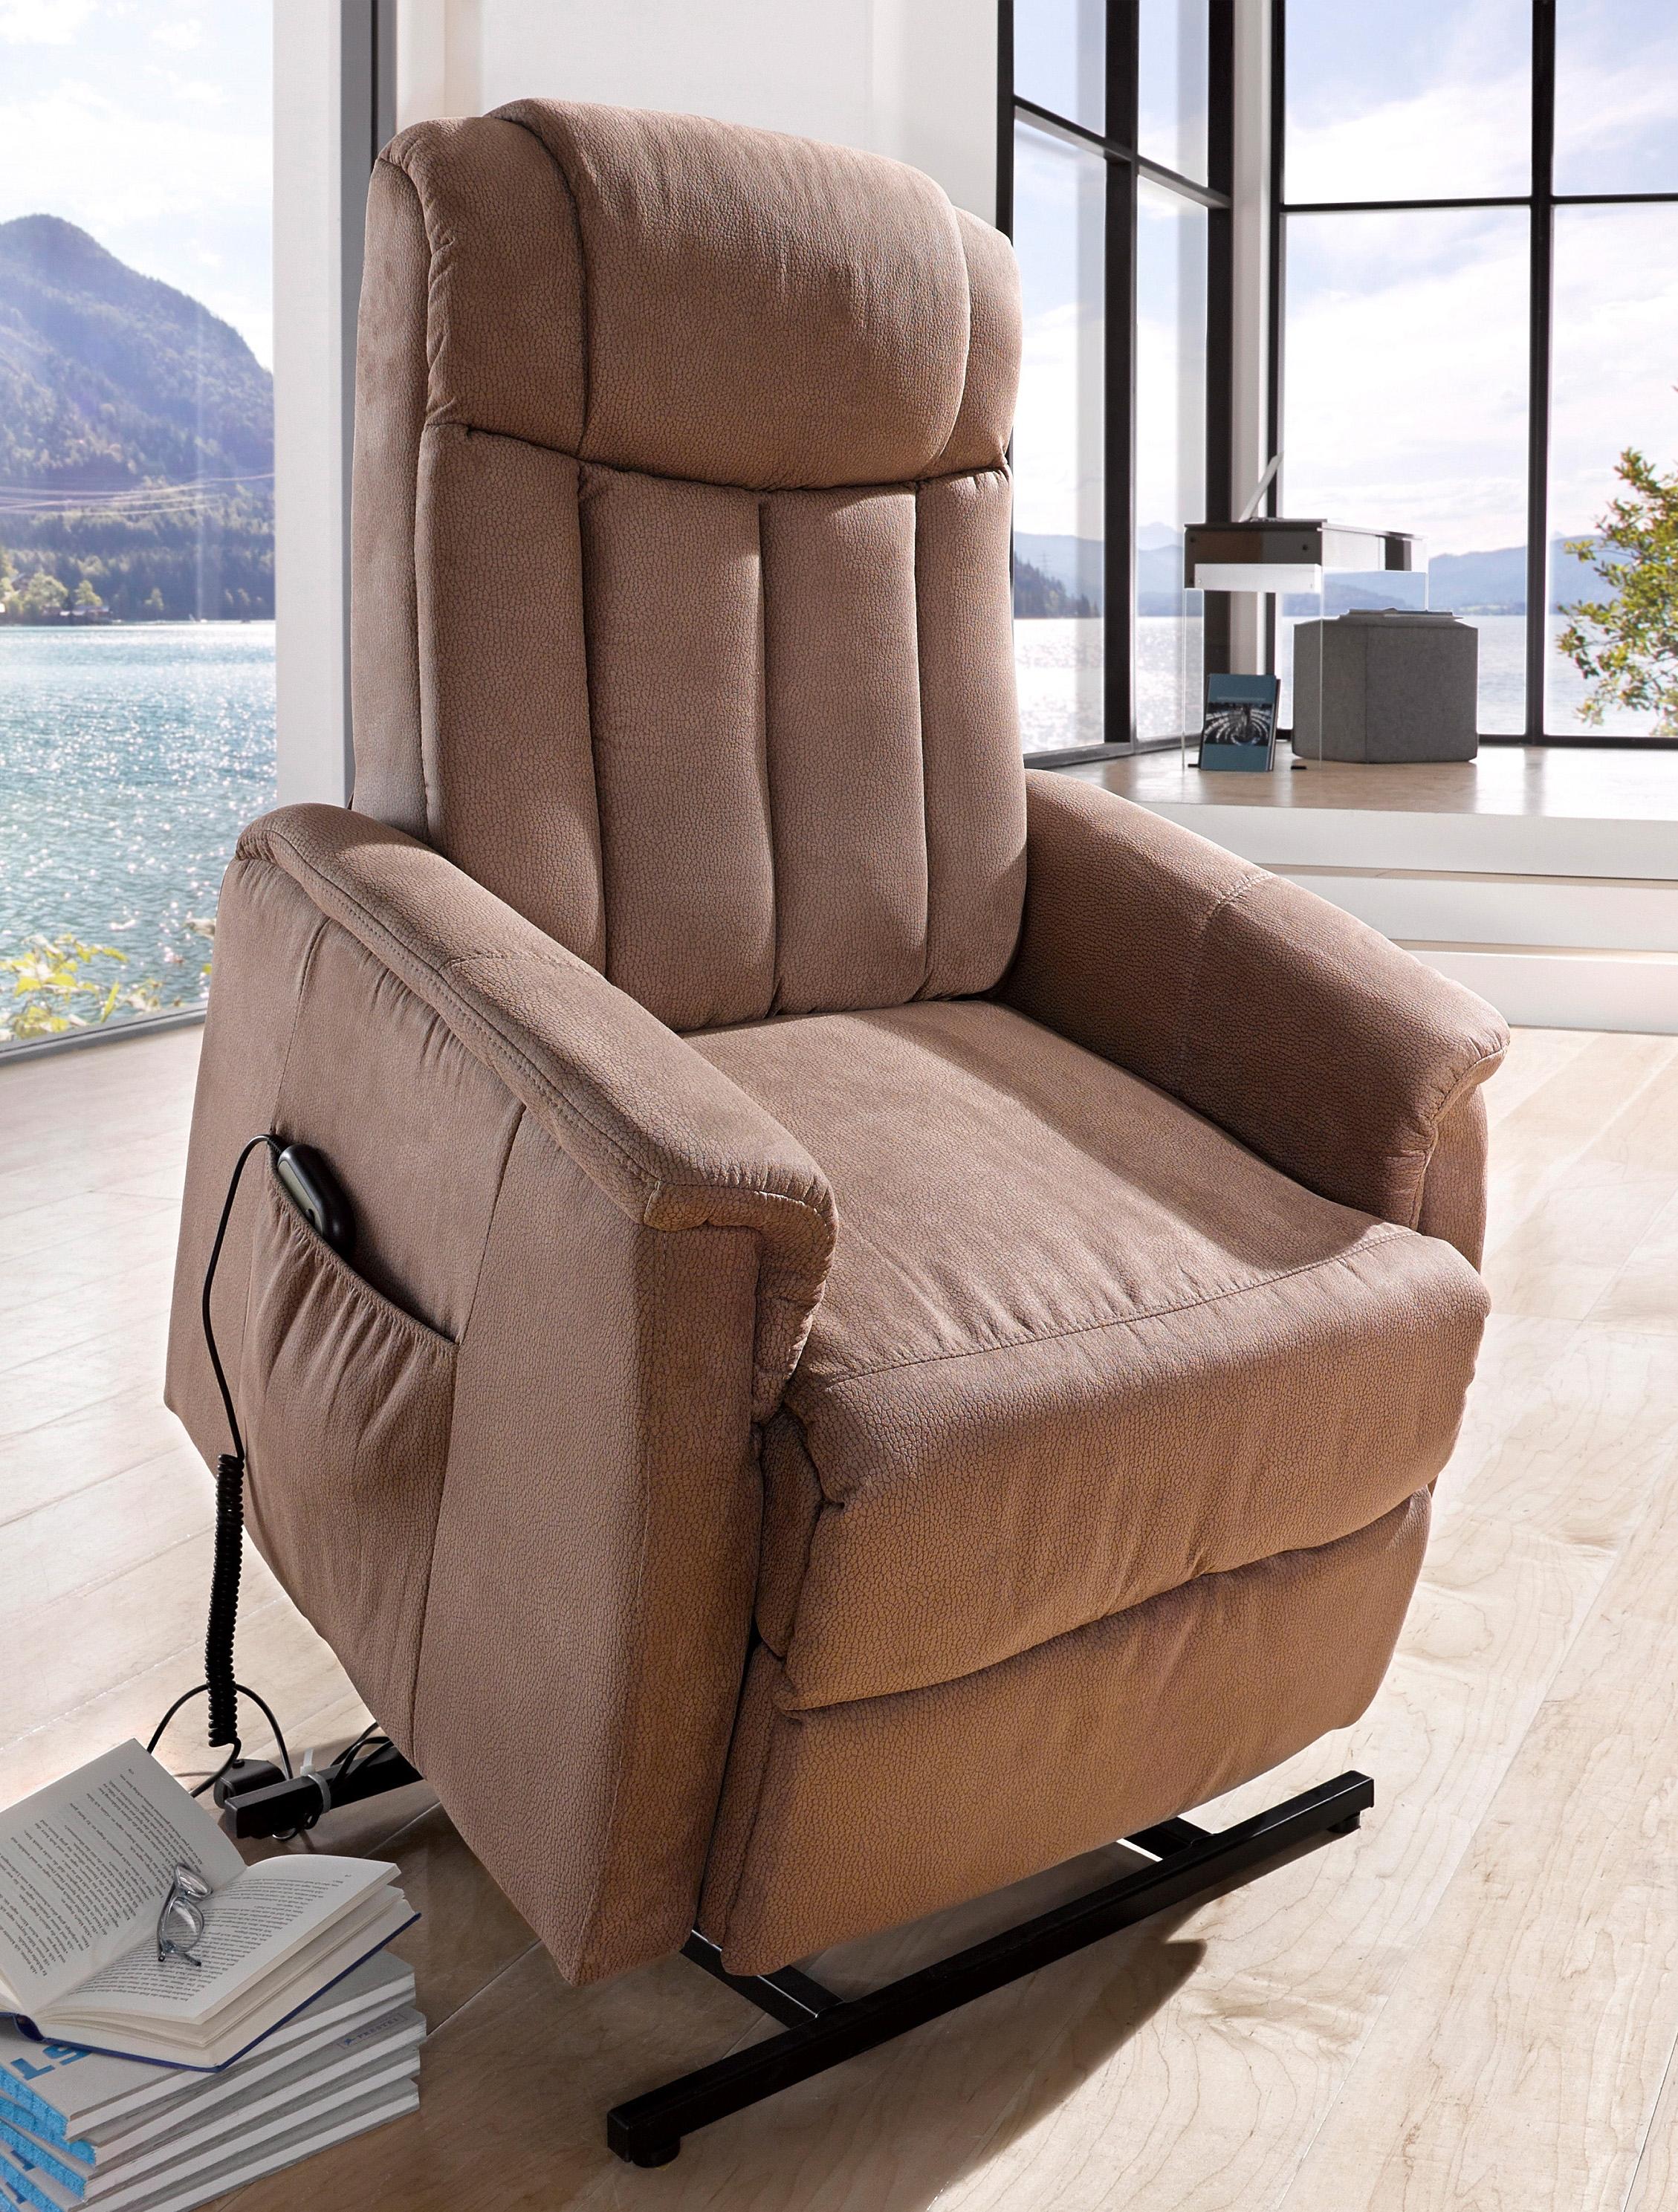 Duo Collection Relaxfauteuil, elektrisch, met opstahulp bij OTTO online kopen